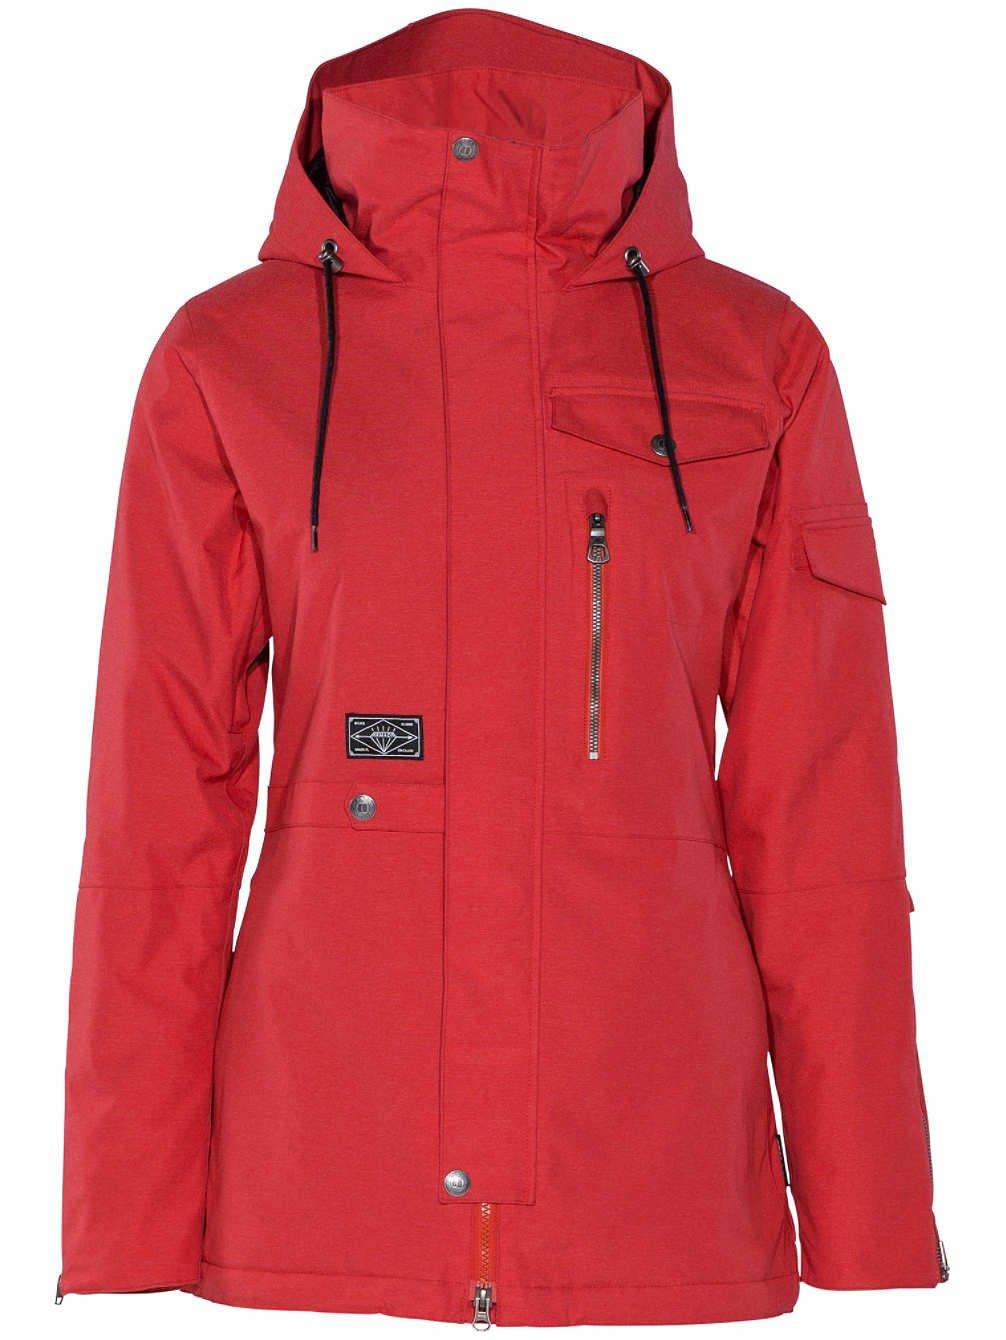 Damen Snowboard Jacke Armada Mercer Insulated Jacket bestellen